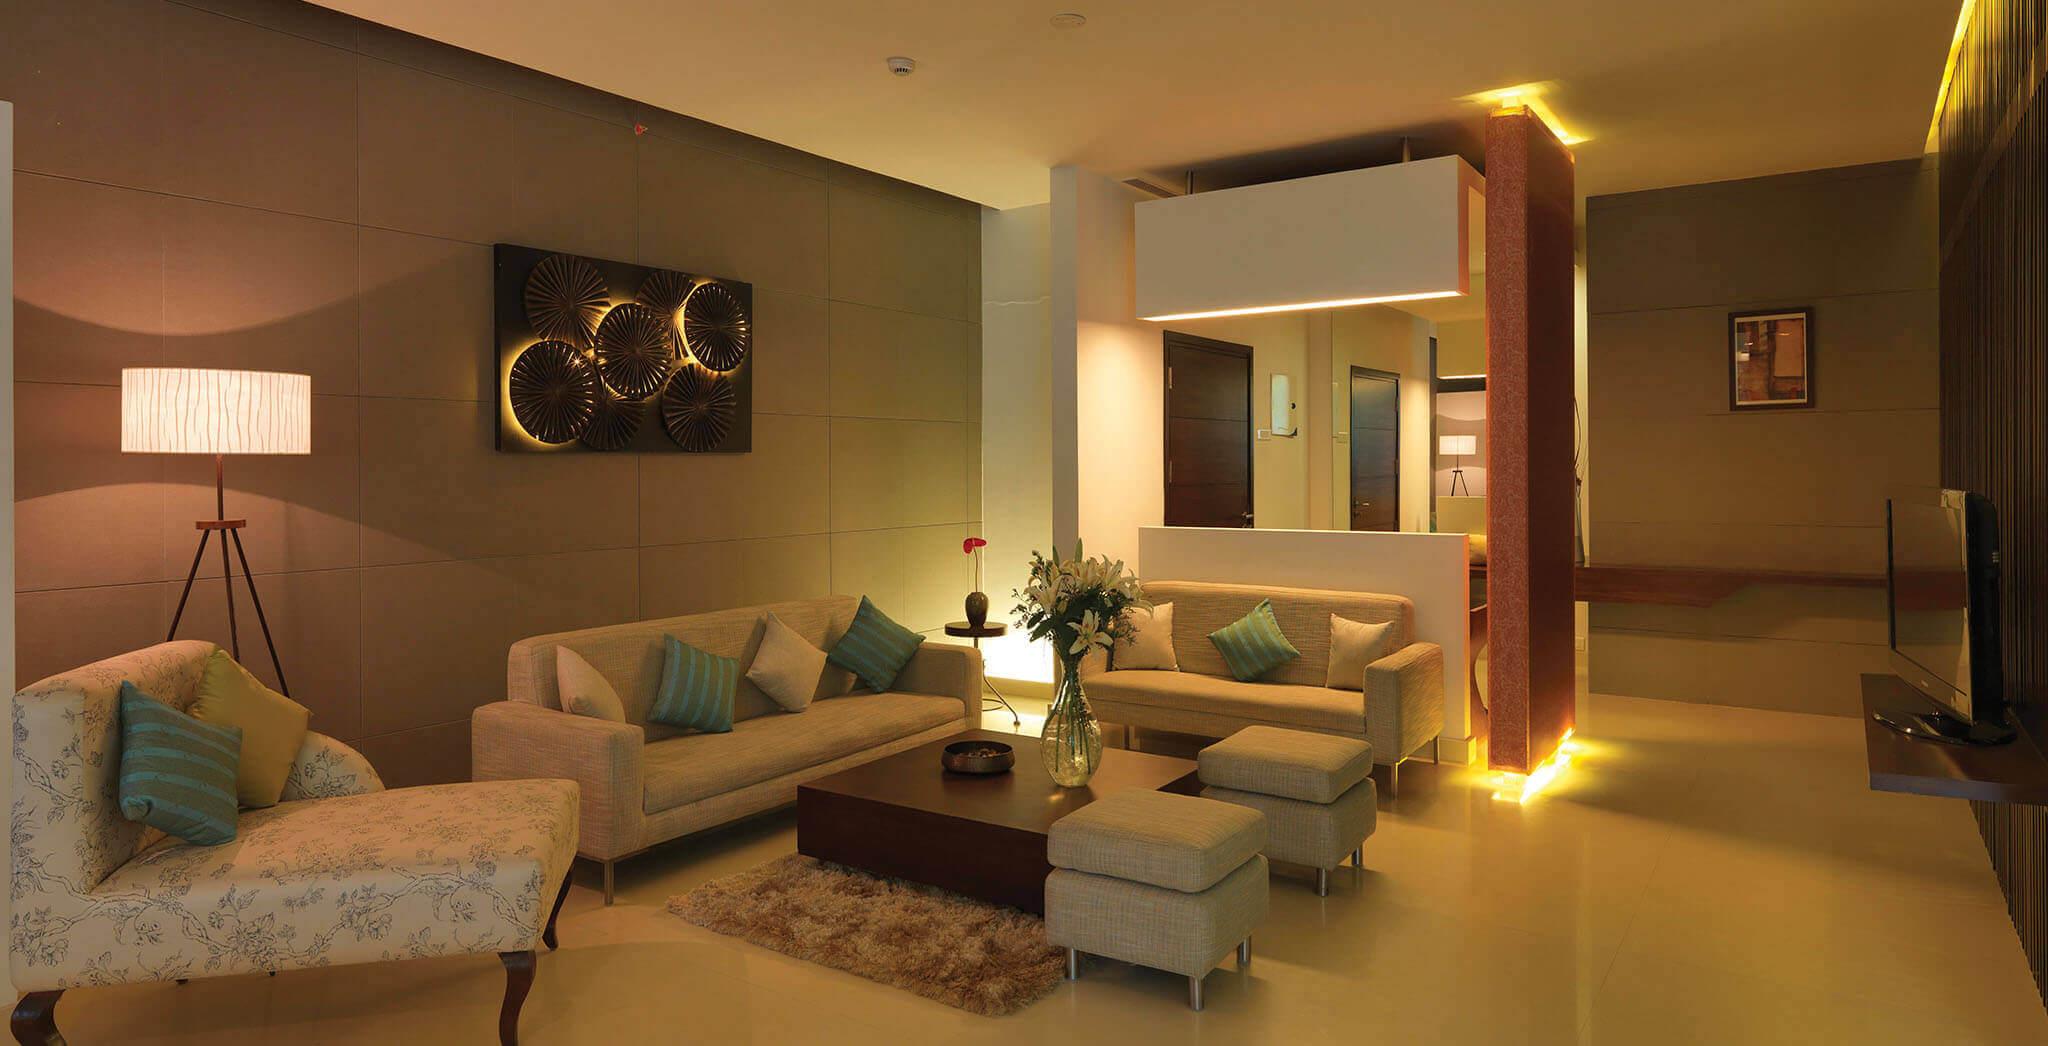 brigade exotica apartment interiors3